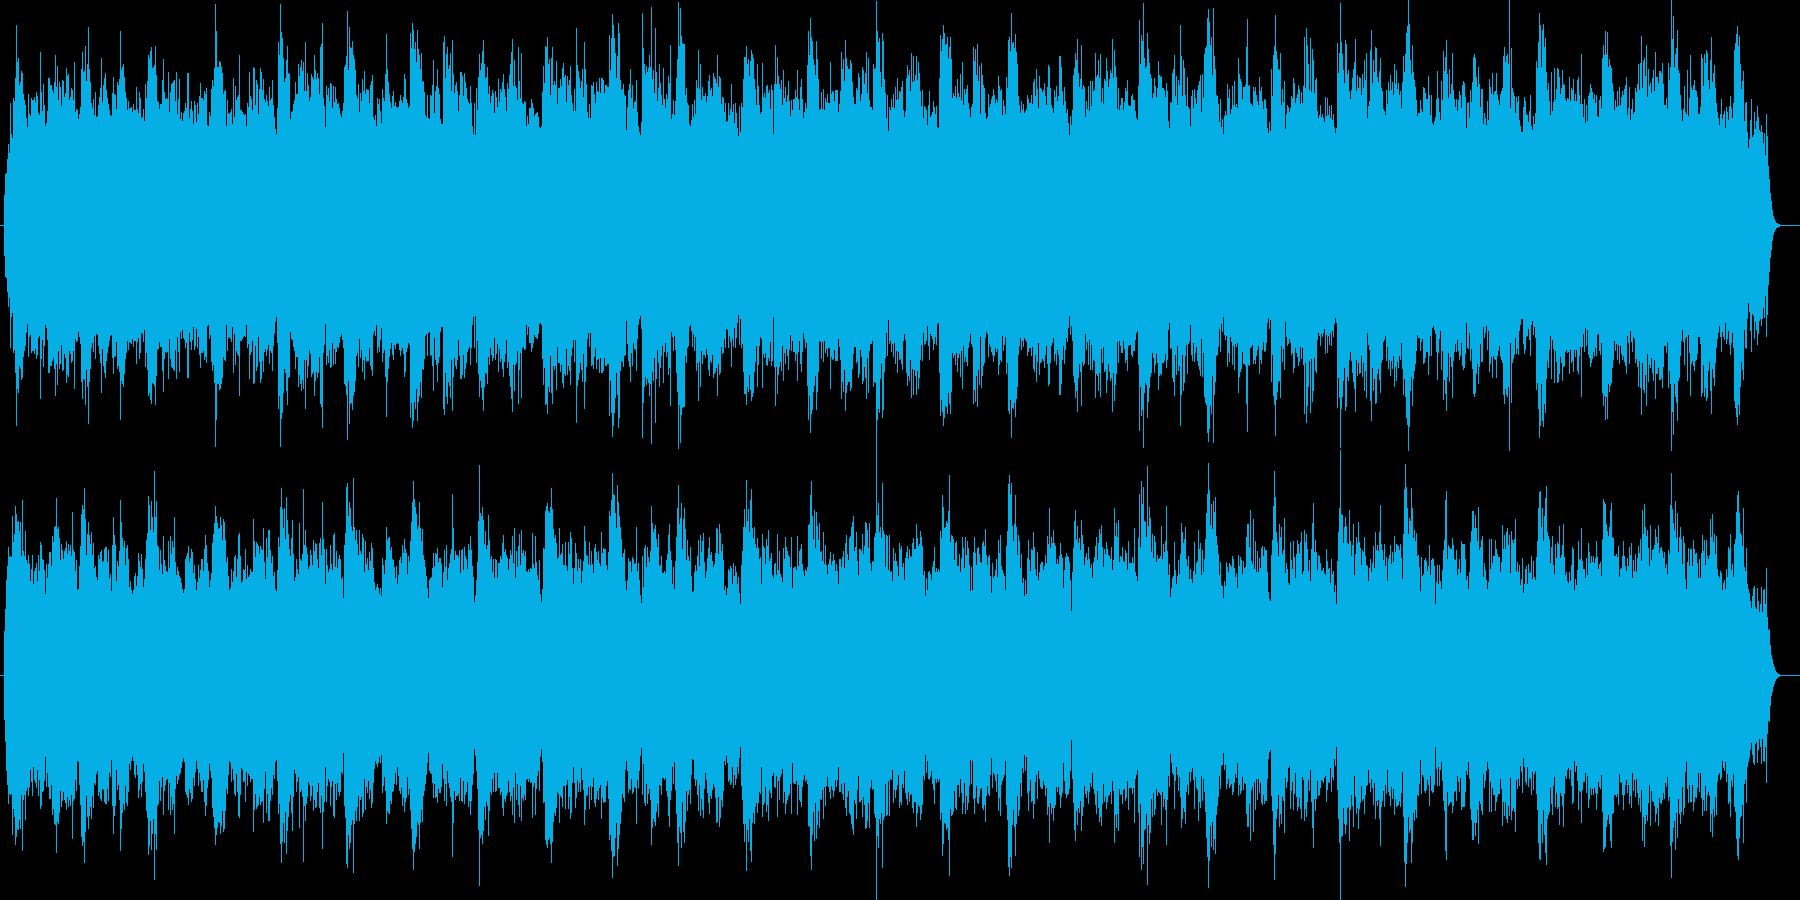 シンセによる悪魔のミサ曲の再生済みの波形